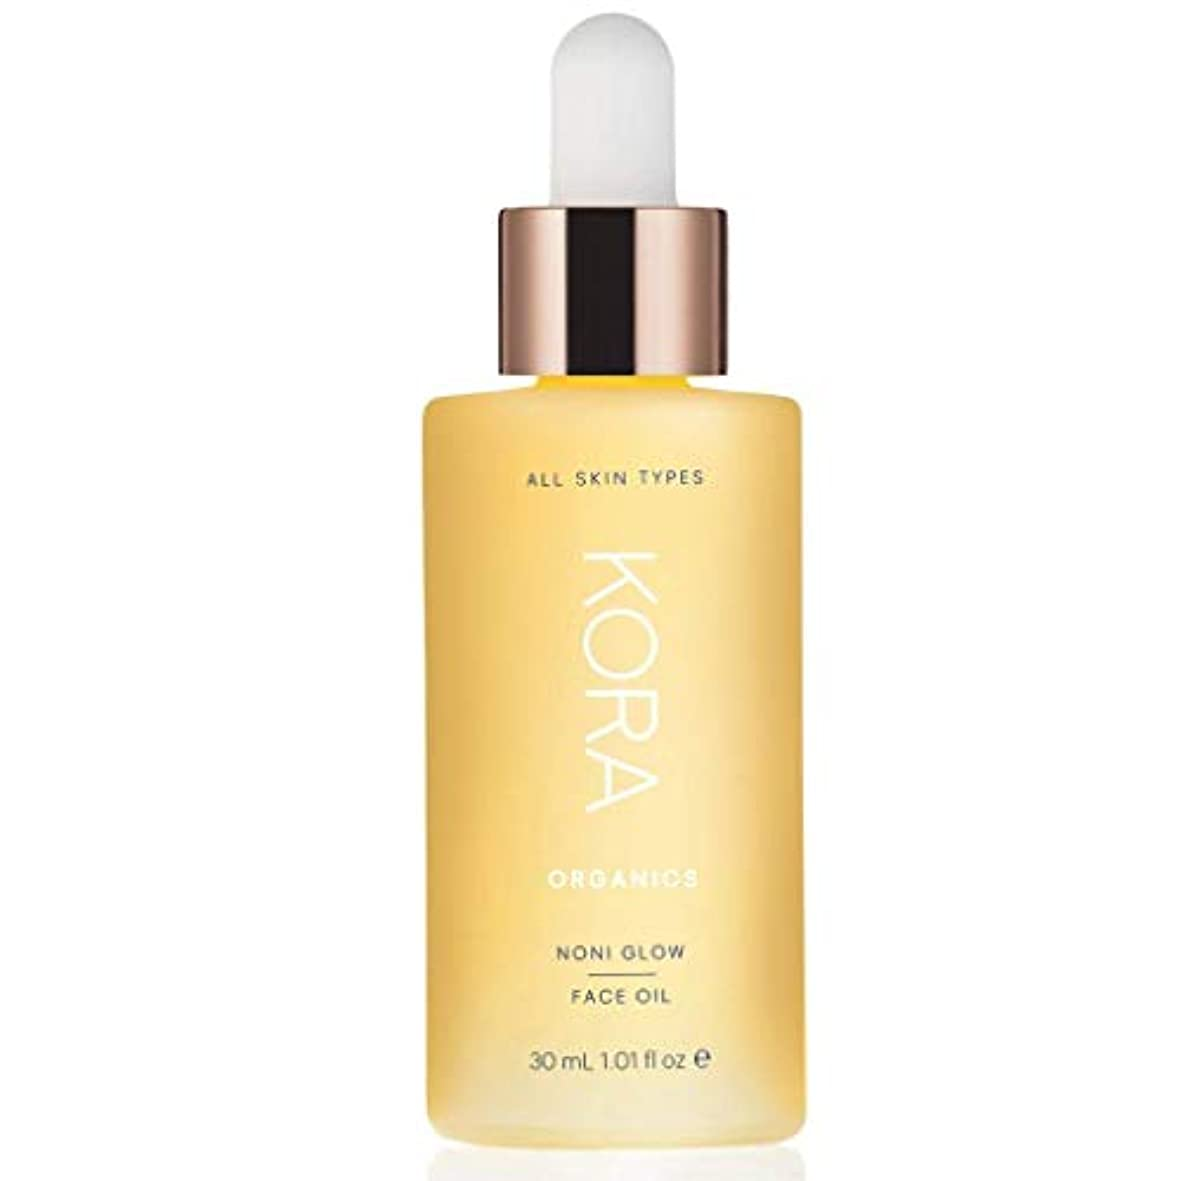 マークされた投資挽く[Kora Organics]ノニ グロー フェイスオイル(フェイスマスク?保湿オイル)[Noni Glow Face Oil][海外直送品] (30ml)